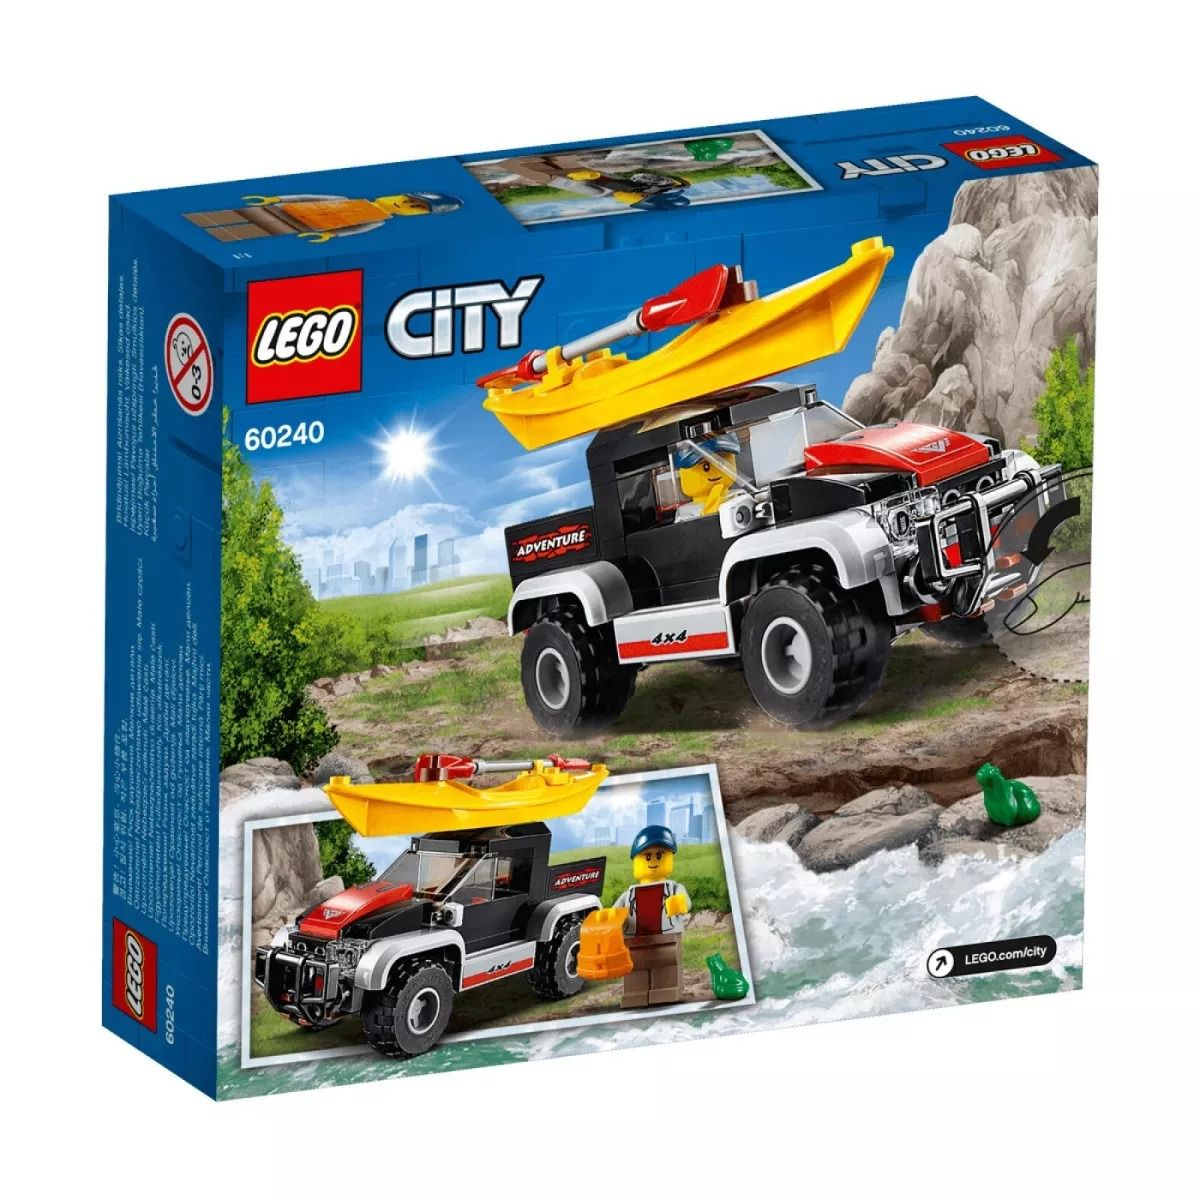 Lego City 60240 Aventura Jipe com Caiaque- 84 peças  - Doce Diversão